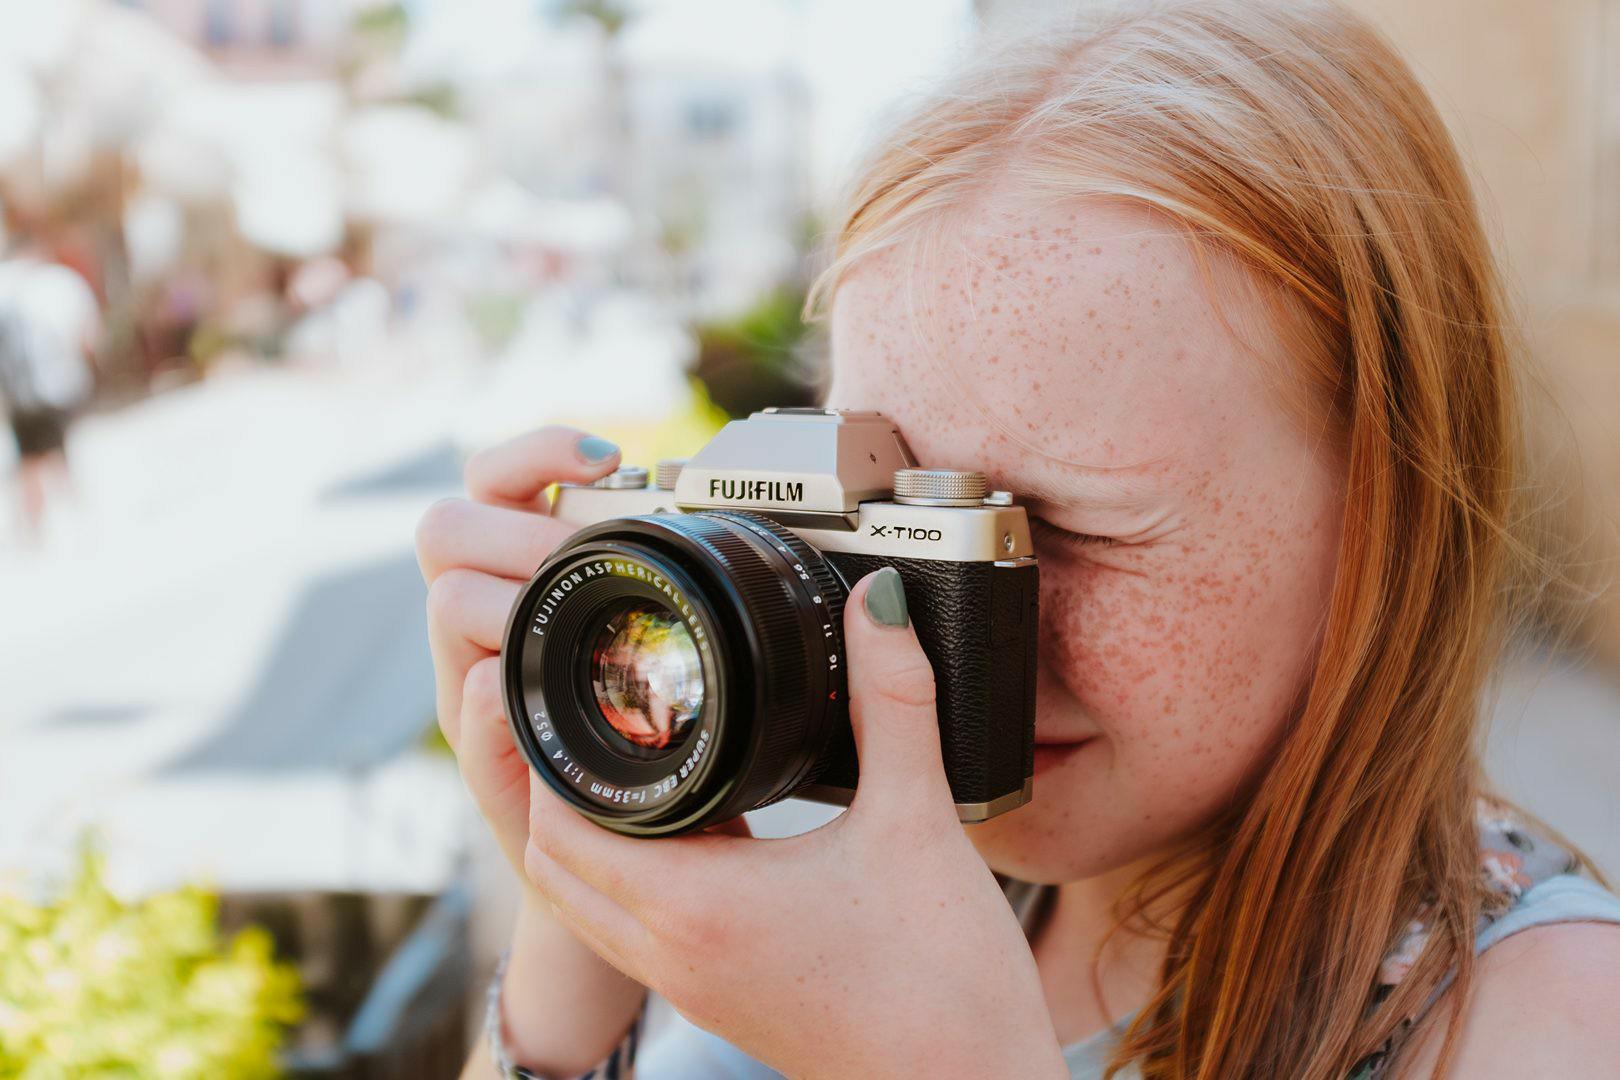 กล้อง mirrorless Fuji X-T100 กล้องเซลฟี่ได้ ในแคมเปญ Find Your Wonder-Side